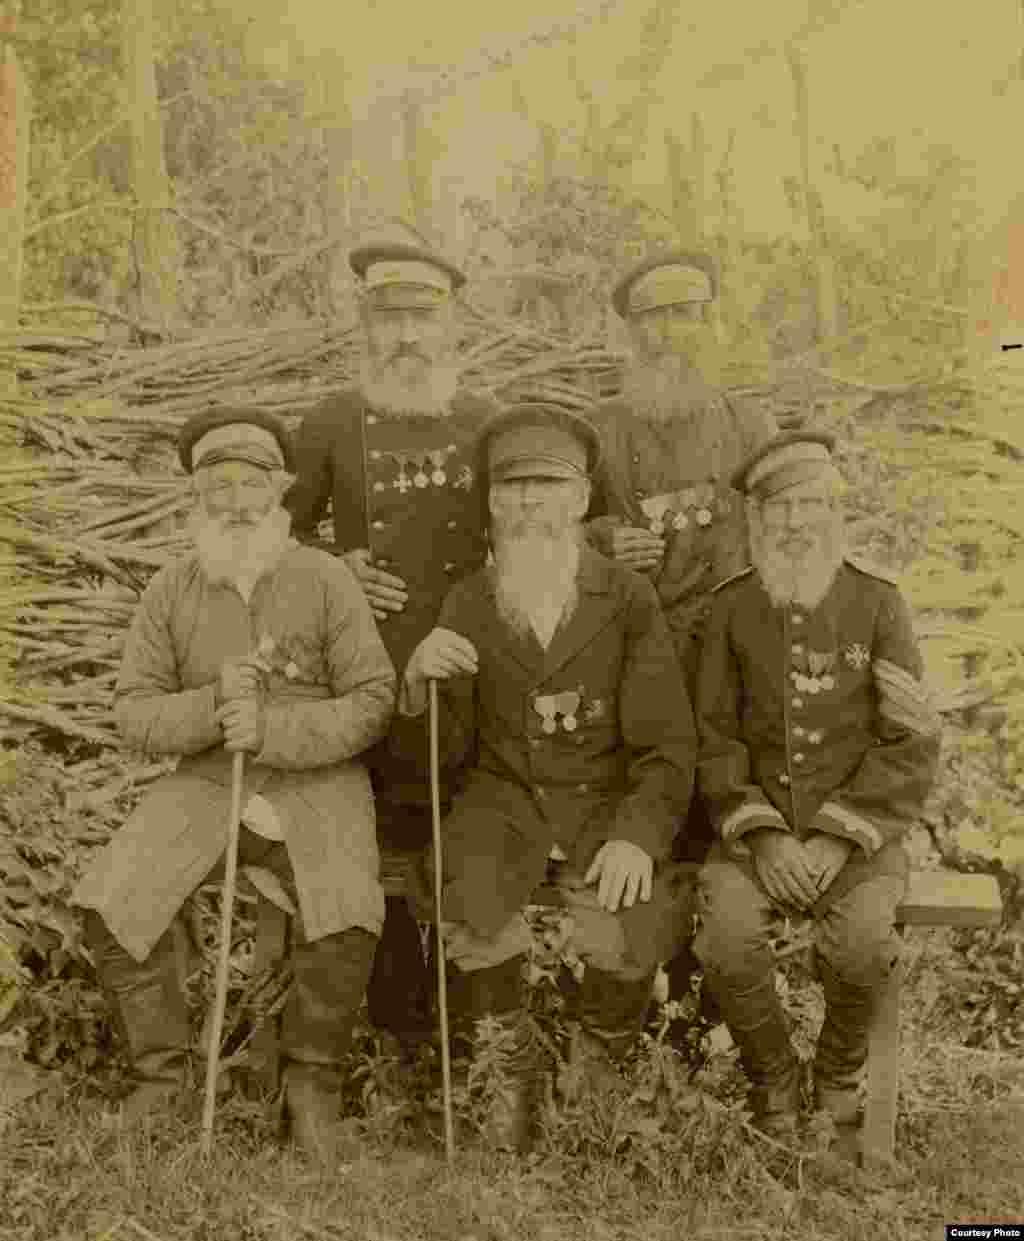 Пять ветеранов Куринского полка, участников Даргинской экспедиции 1845 года, проживающих в укреплении Ведено